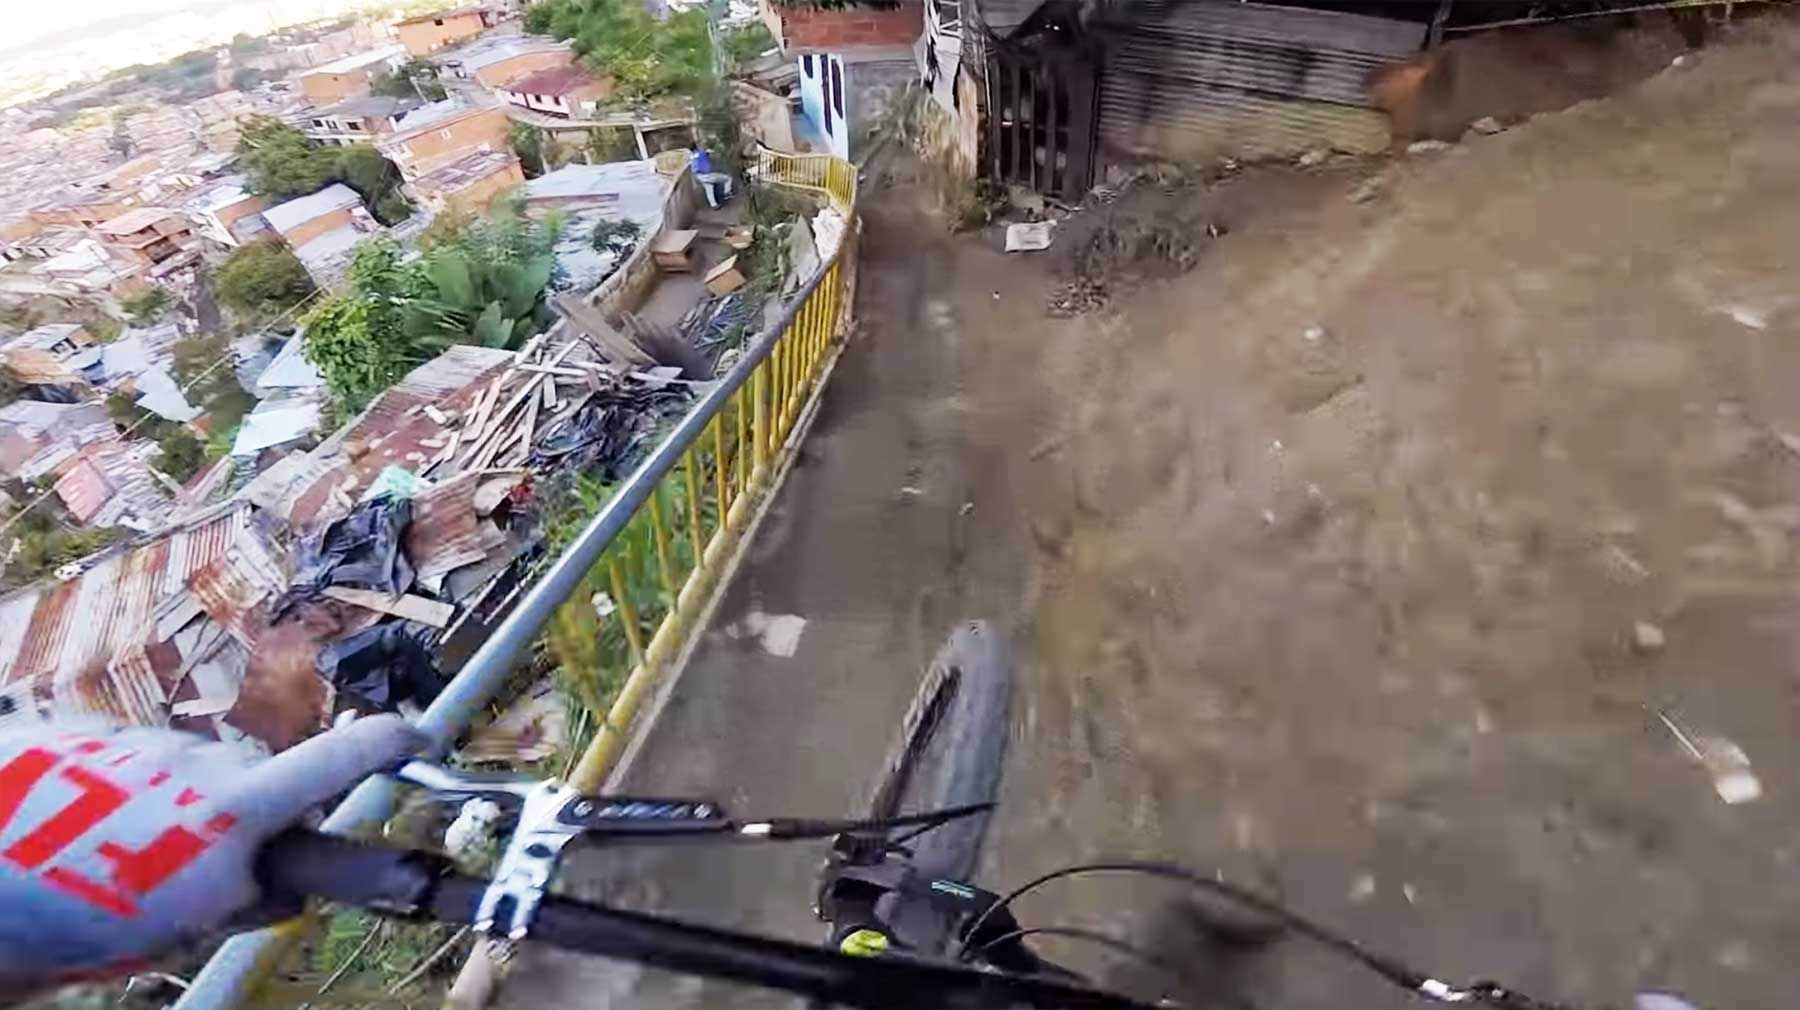 Rasante Abfahrt der längsten Urban Downhill-Strecke